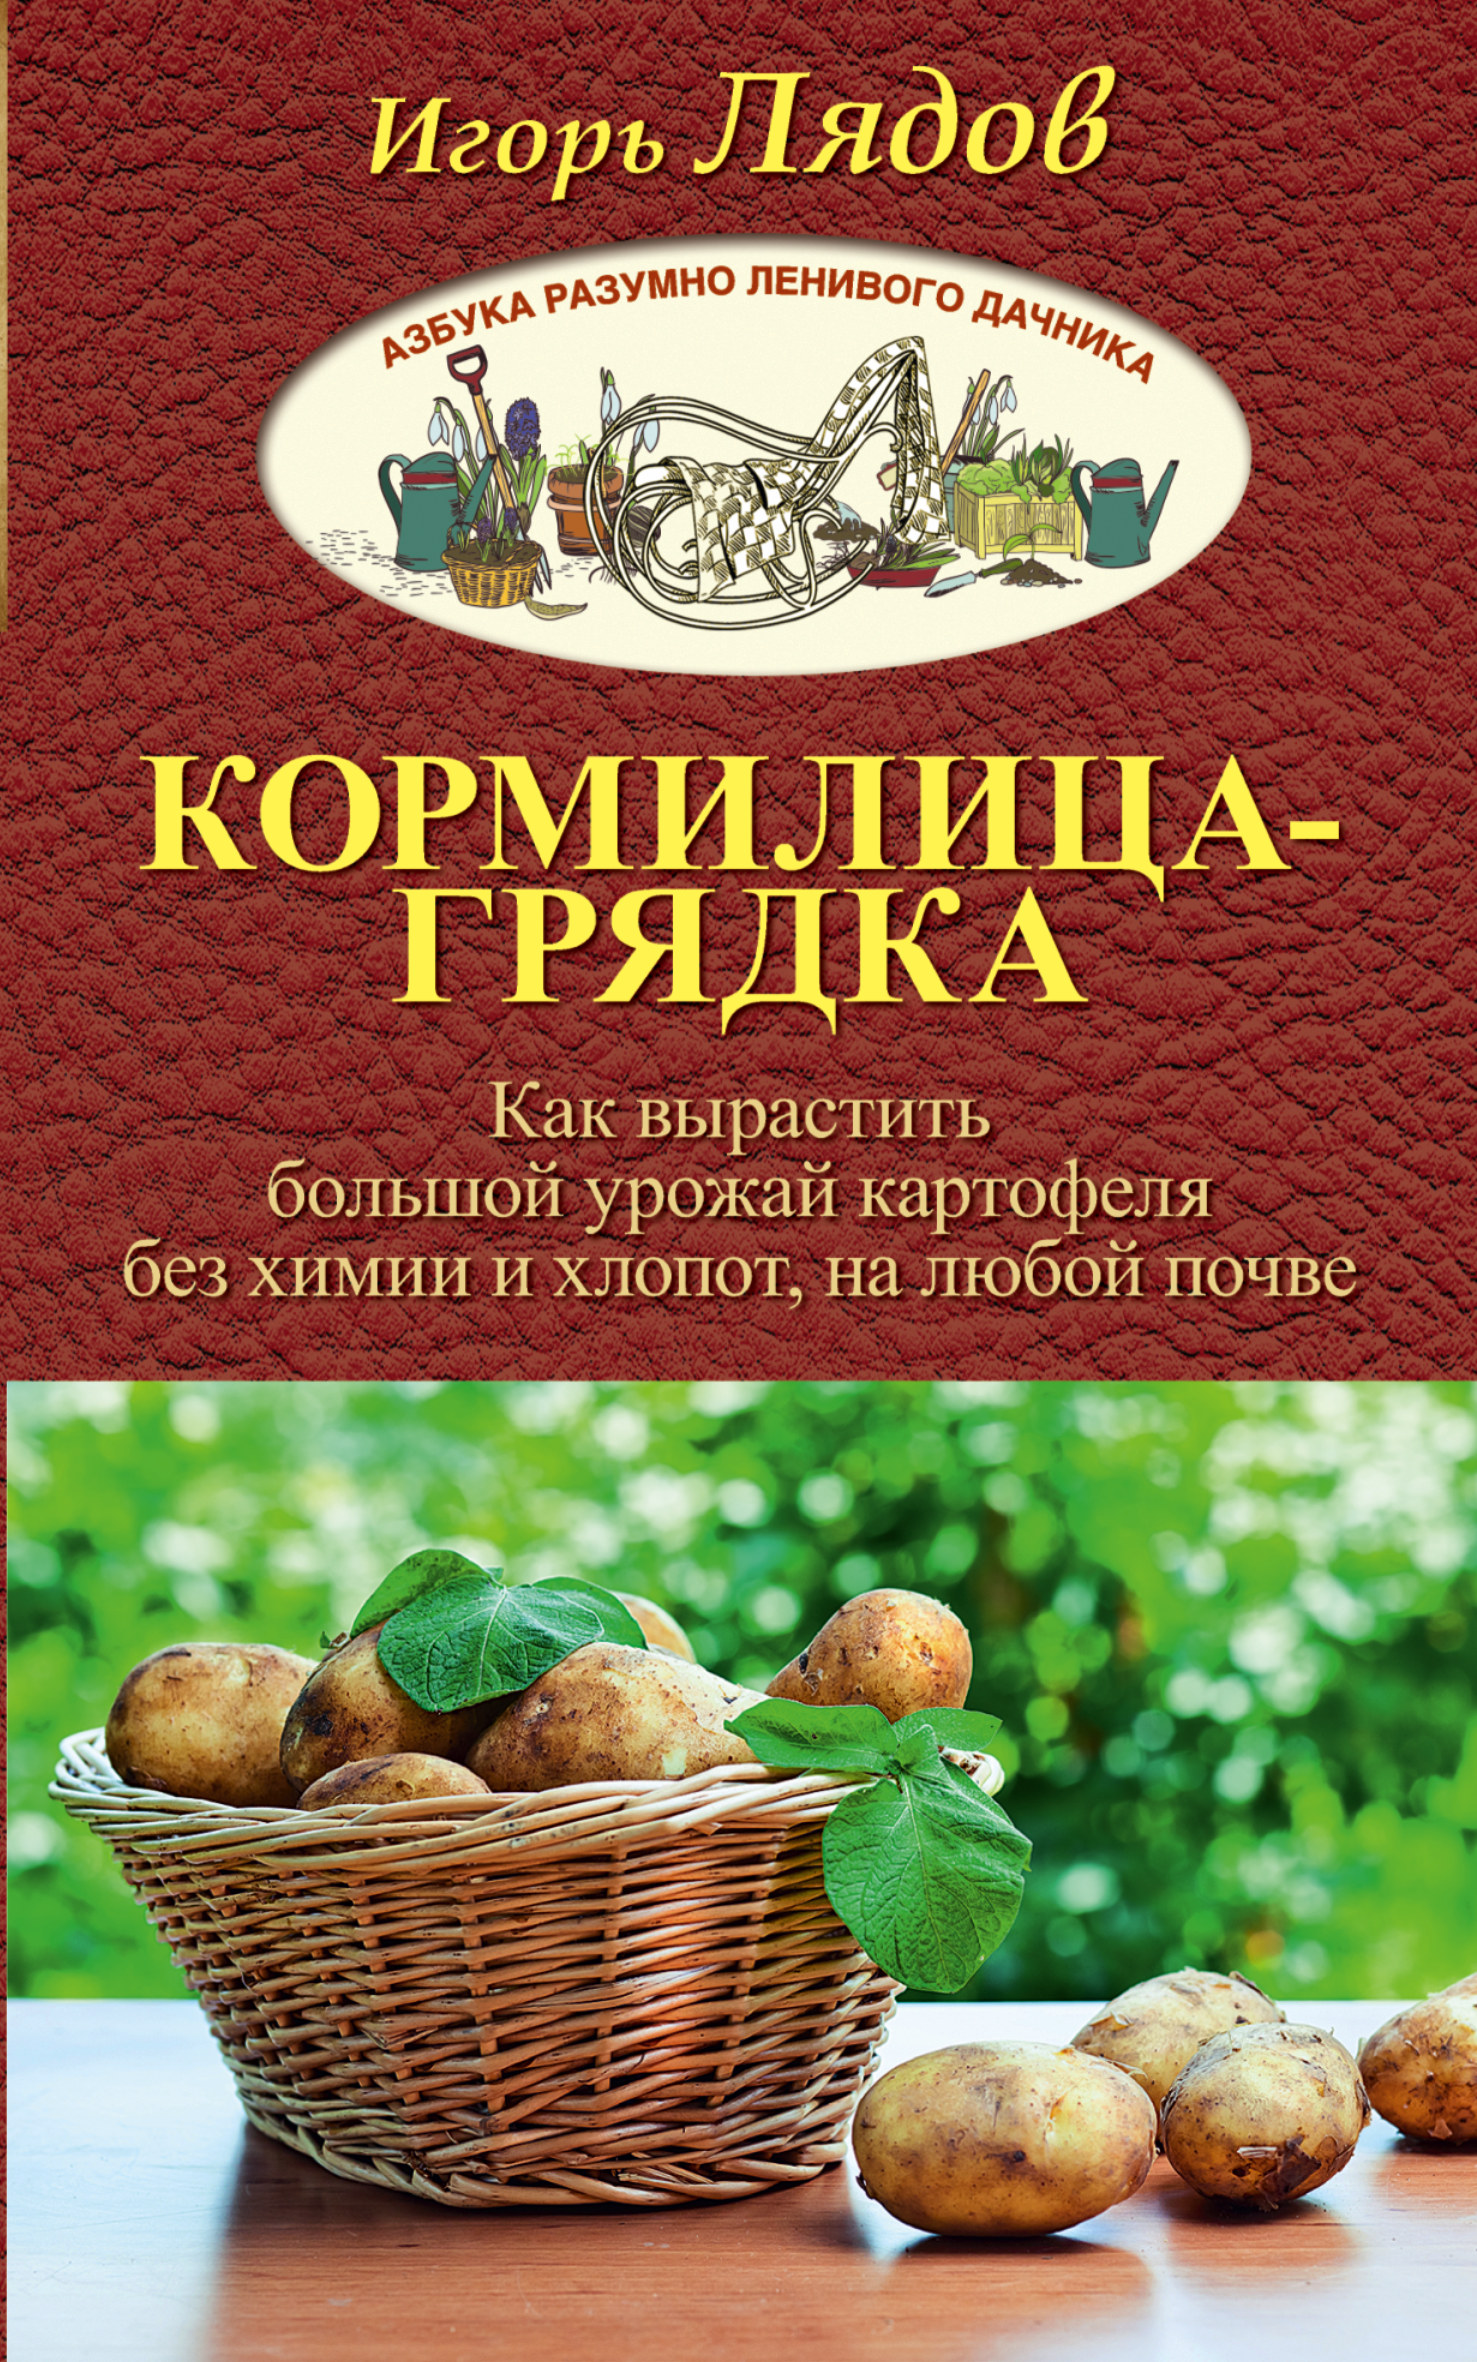 Игорь Лядов Кормилица-Грядка. Как вырастить большой урожай картофеля без химии и хлопот, на любой почве